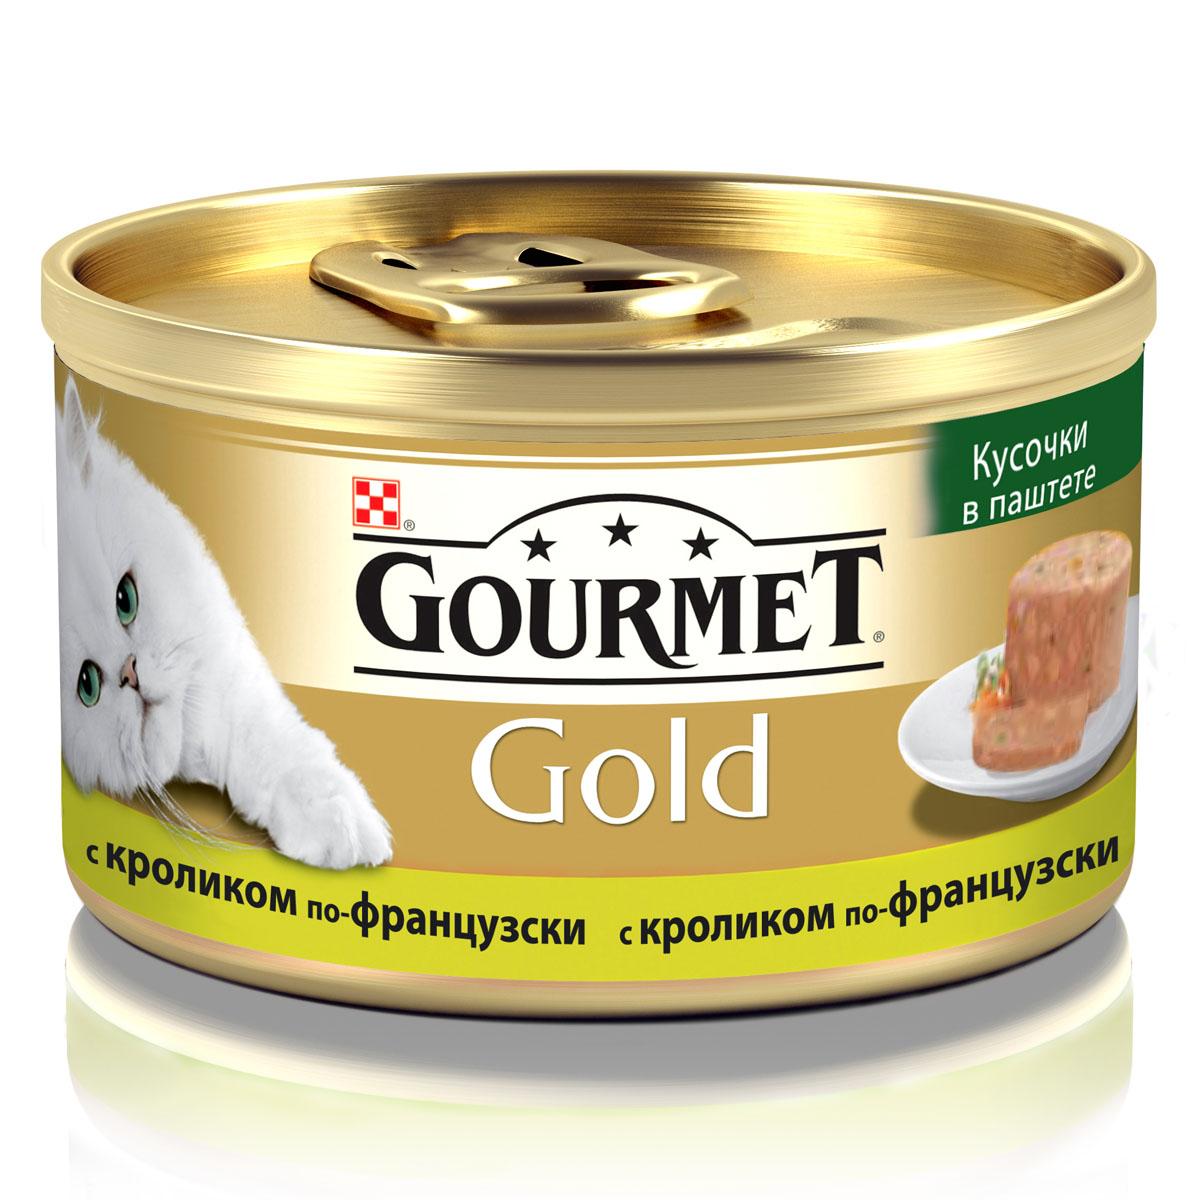 Консервы для кошек Gourmet Gold, кусочки в паштете с кроликом по-французски, 85 г0120710Корм Gourmet Gold консервированный полнорационный для взрослых кошек, с кроликом по-французски. Рекомендации по кормлению: для взрослой кошки среднего веса (4 кг) требуется 3 баночки корма Gourmet Gold в день. Кормление необходимо разделить минимум на два приема. Индивидуальные потребности животного могут отличаться, поэтому норма кормления должна быть скорректирована для поддержания оптимального веса вашей кошки. Для беременных и кормящих кошек - кормление без ограничений. Подавать корм комнатной температуры.Следите, чтобы у вашей кошки всегда была чистая, свежая питьевая вода.Условия хранения: Закрытую банку хранить в сухом прохладном месте. После открытия продукт хранить максимум 24 часа. Состав: мясо и мясные субпродукты (из которых кролика 4%), минеральные вещества, сахара, продукты переработки растительного сырья, витамины, консерванты.Гарантируемые показатели: влажность 76,0%, белок 12,5 %, жир 5,5 %, сырая зола 2,5 %, сырая клетчатка 0,01 %.Добавленные вещества: МЕ/кг: витамин A: 870; витамин D3: 130. мг/кг: железо: 31; йод:0,38; медь: 3,5; марганец: 6,05; цинк: 50.Вес: 85 г.Товар сертифицирован.